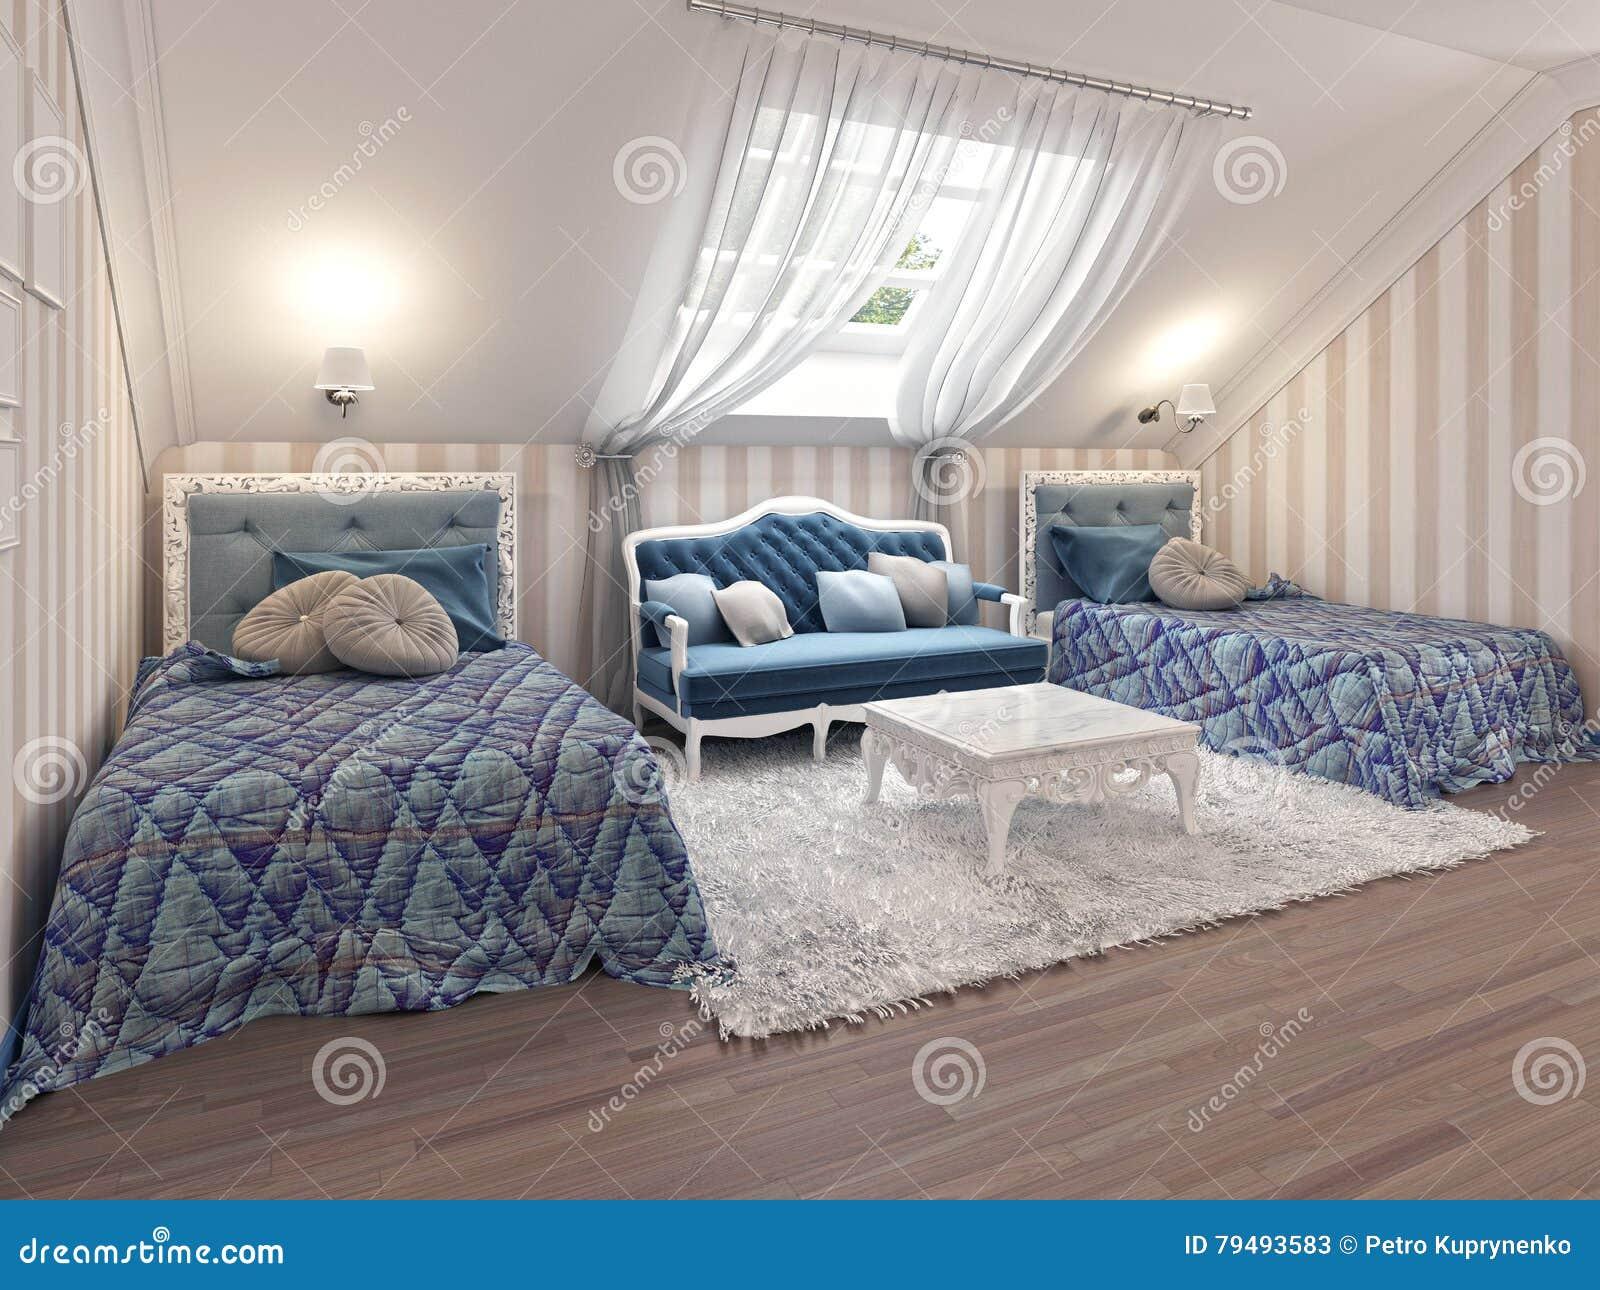 Children di lusso x27 camera da letto di s per due bambini con i letti gemellati illustrazione - Camera letto bambini ...